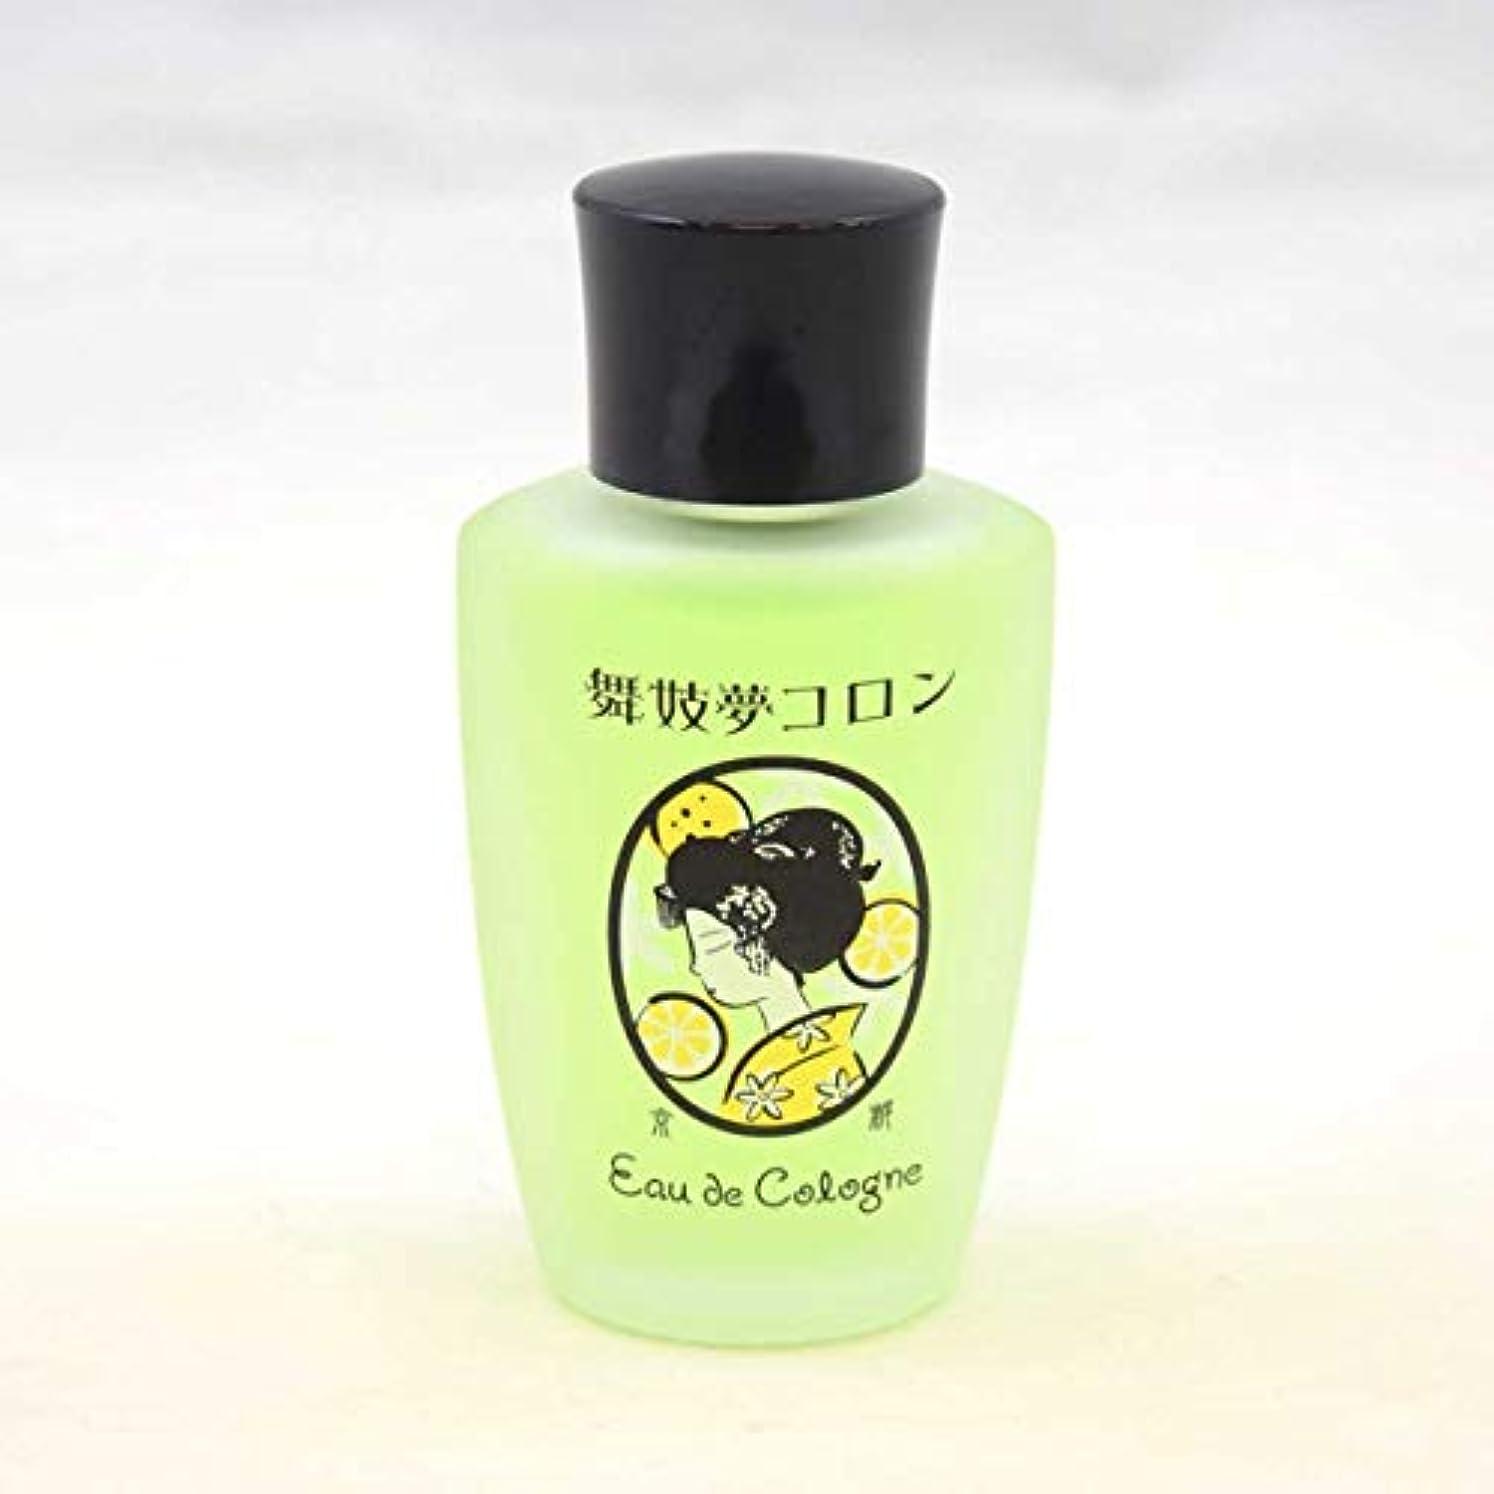 伝統的虫そっと舞妓夢コロン?柚子(ゆず)の香り - 京都限定のオーデコロン